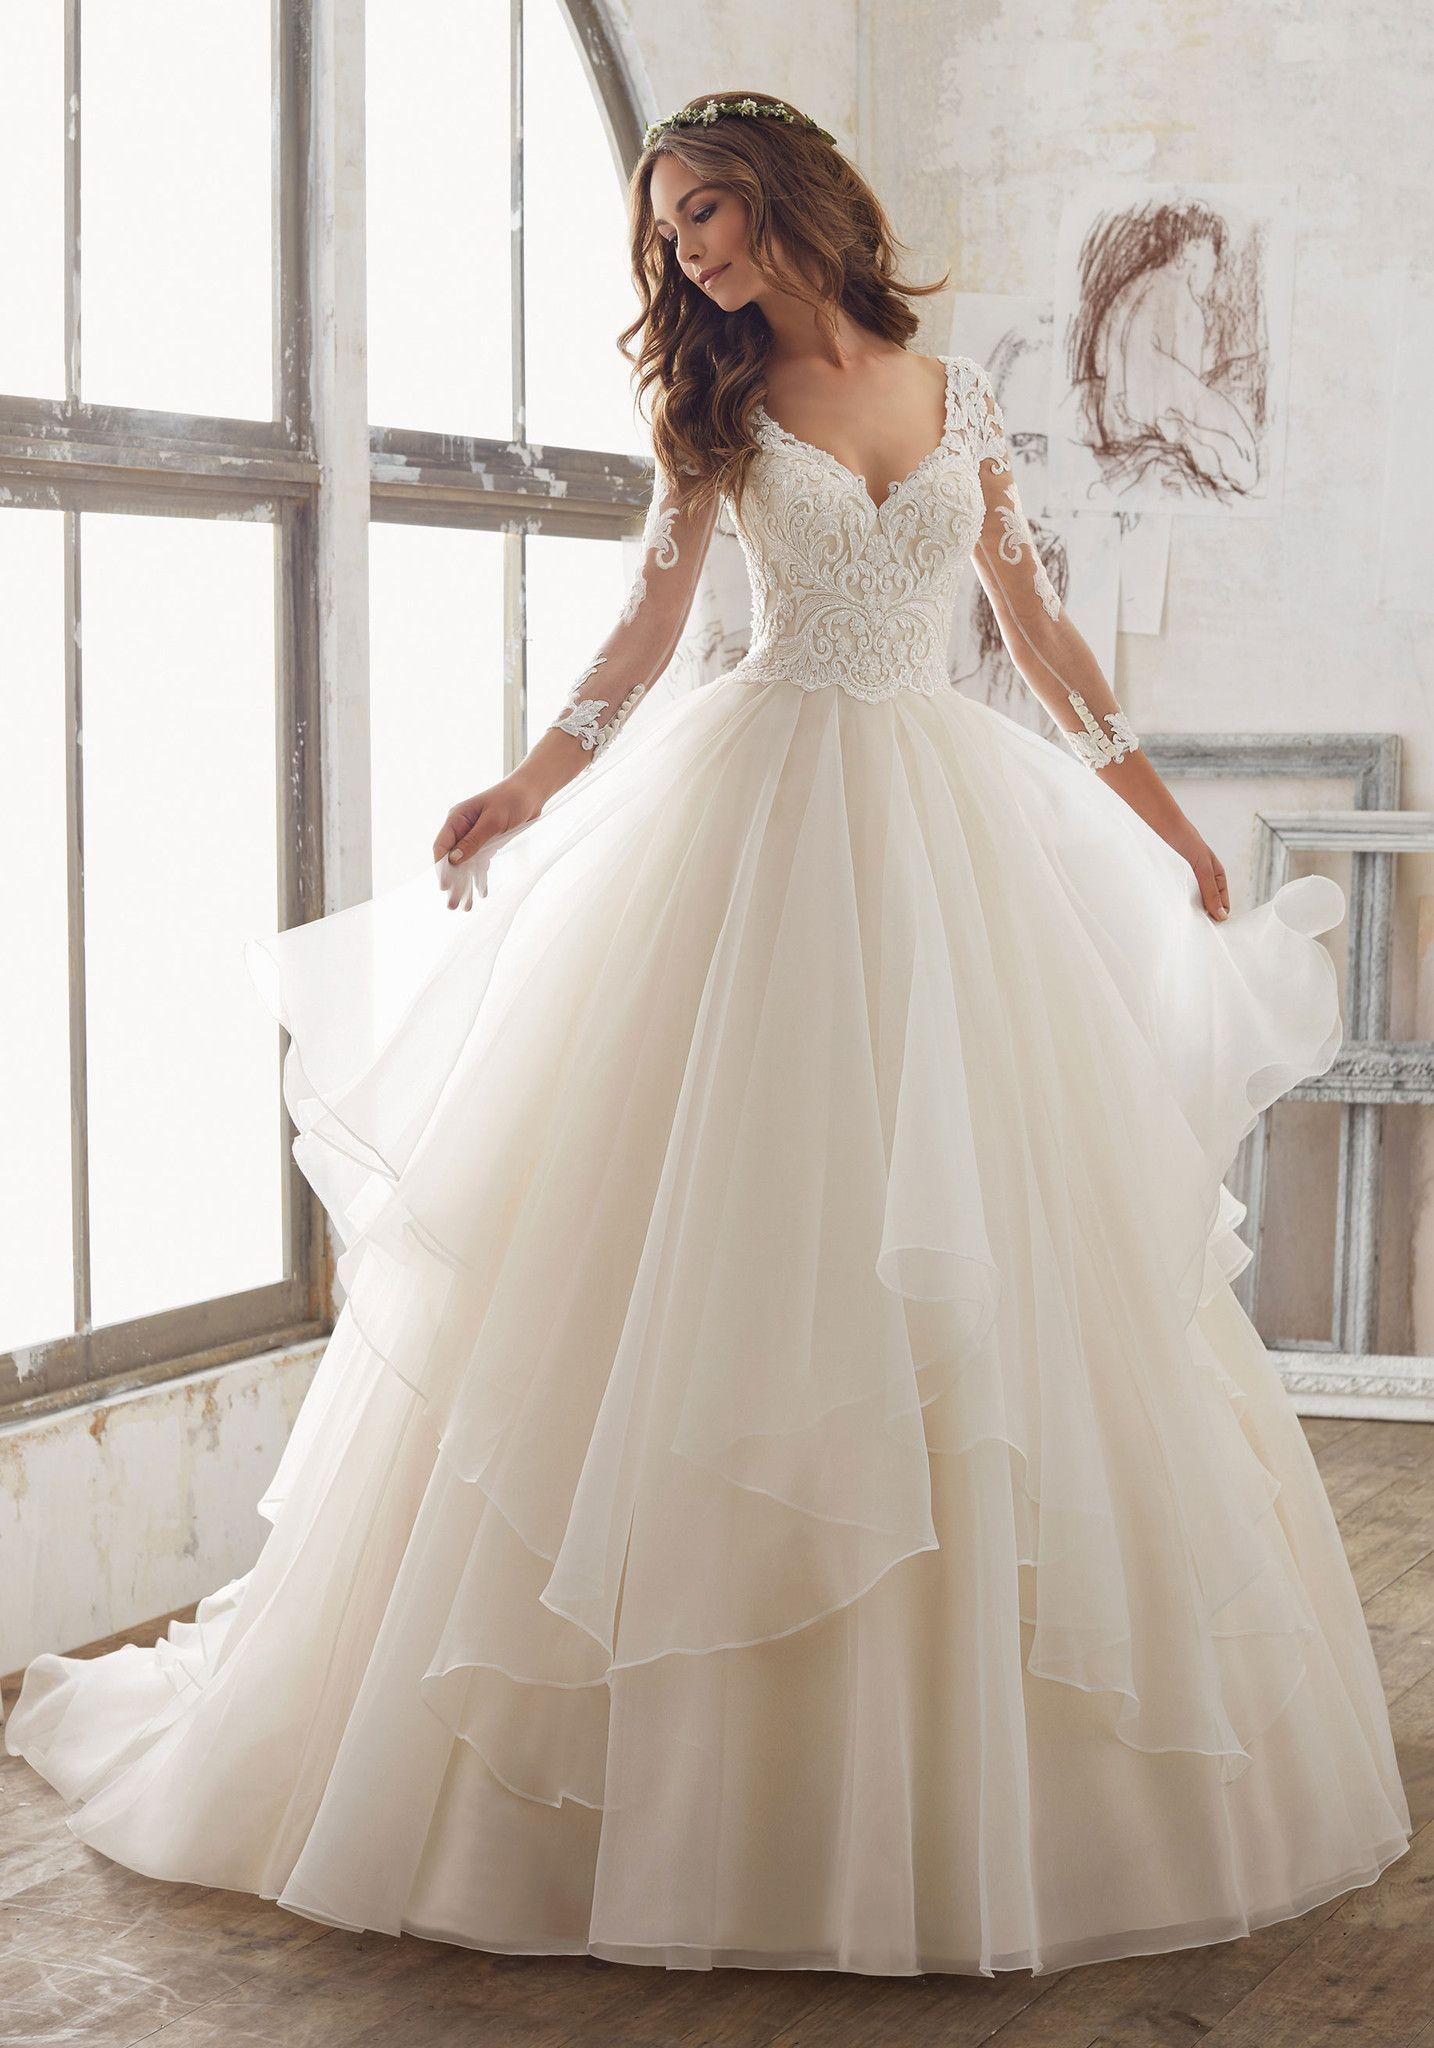 Blu - Maya - 5517 - All Dressed Up, Bridal Gown | Hochzeitskleider ...